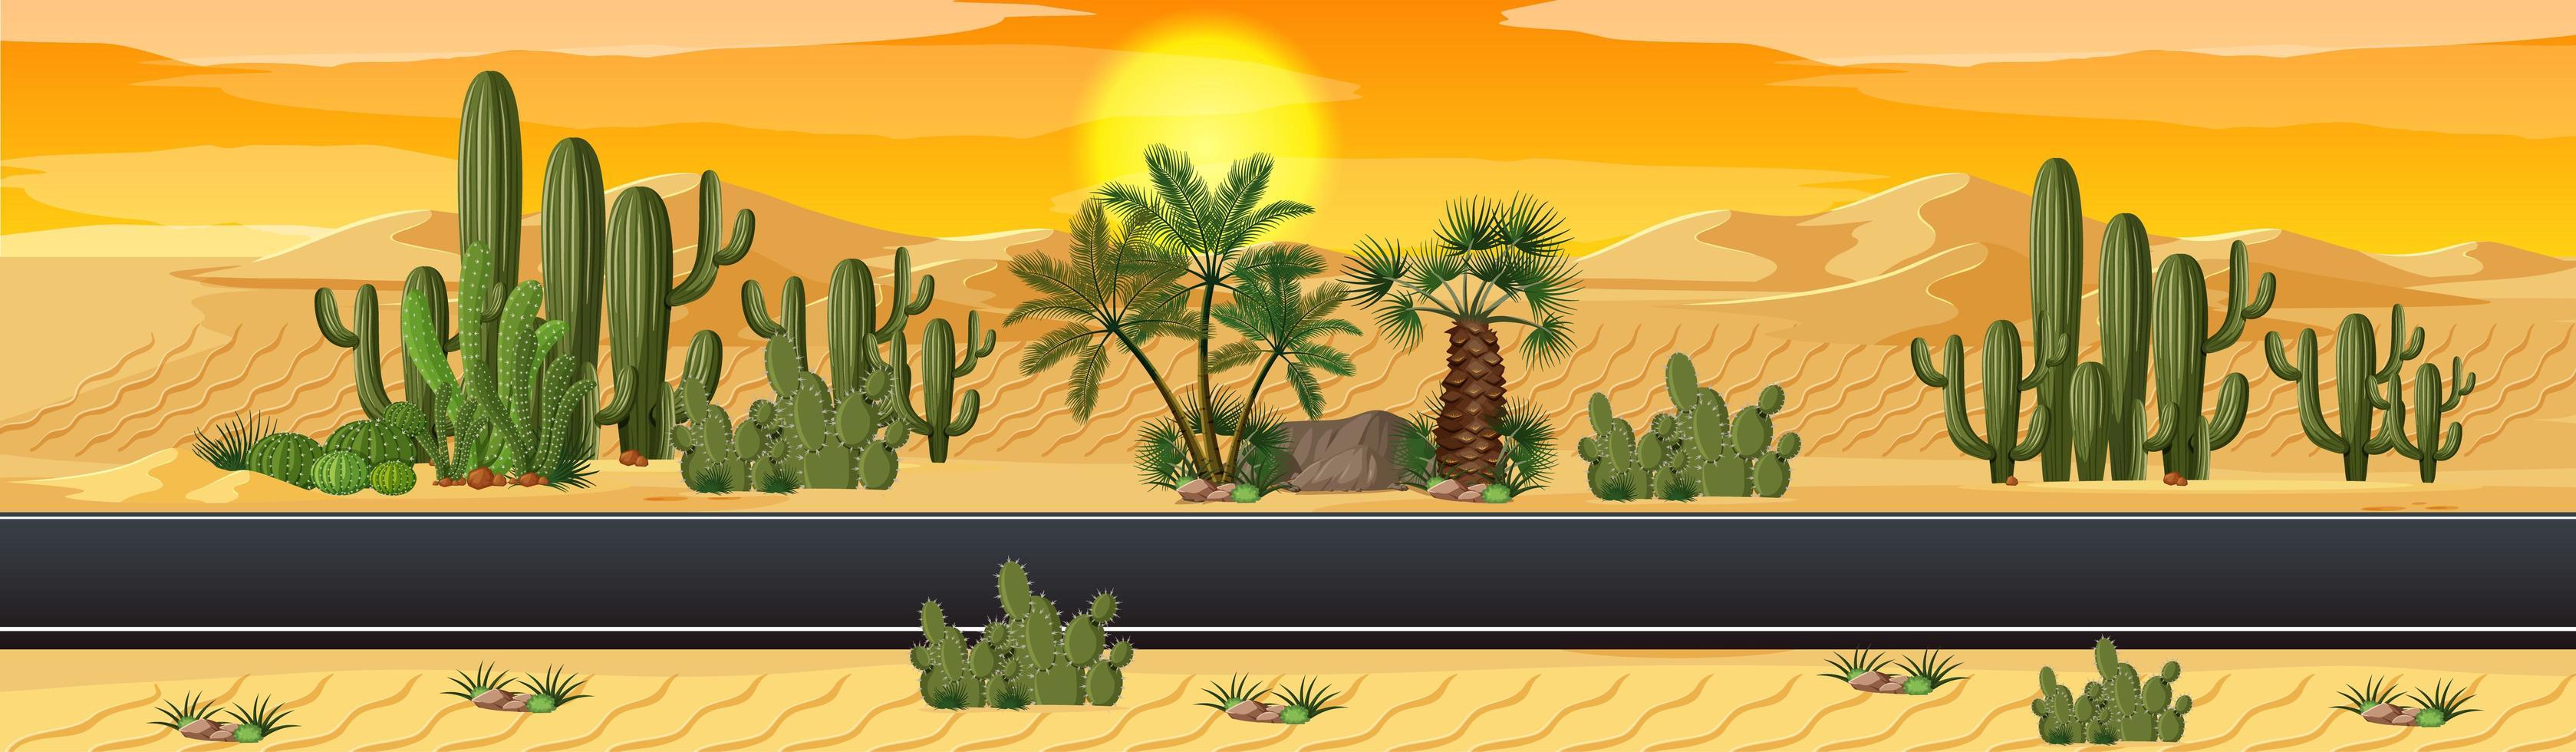 deserto con scena del paesaggio della natura della strada vettore